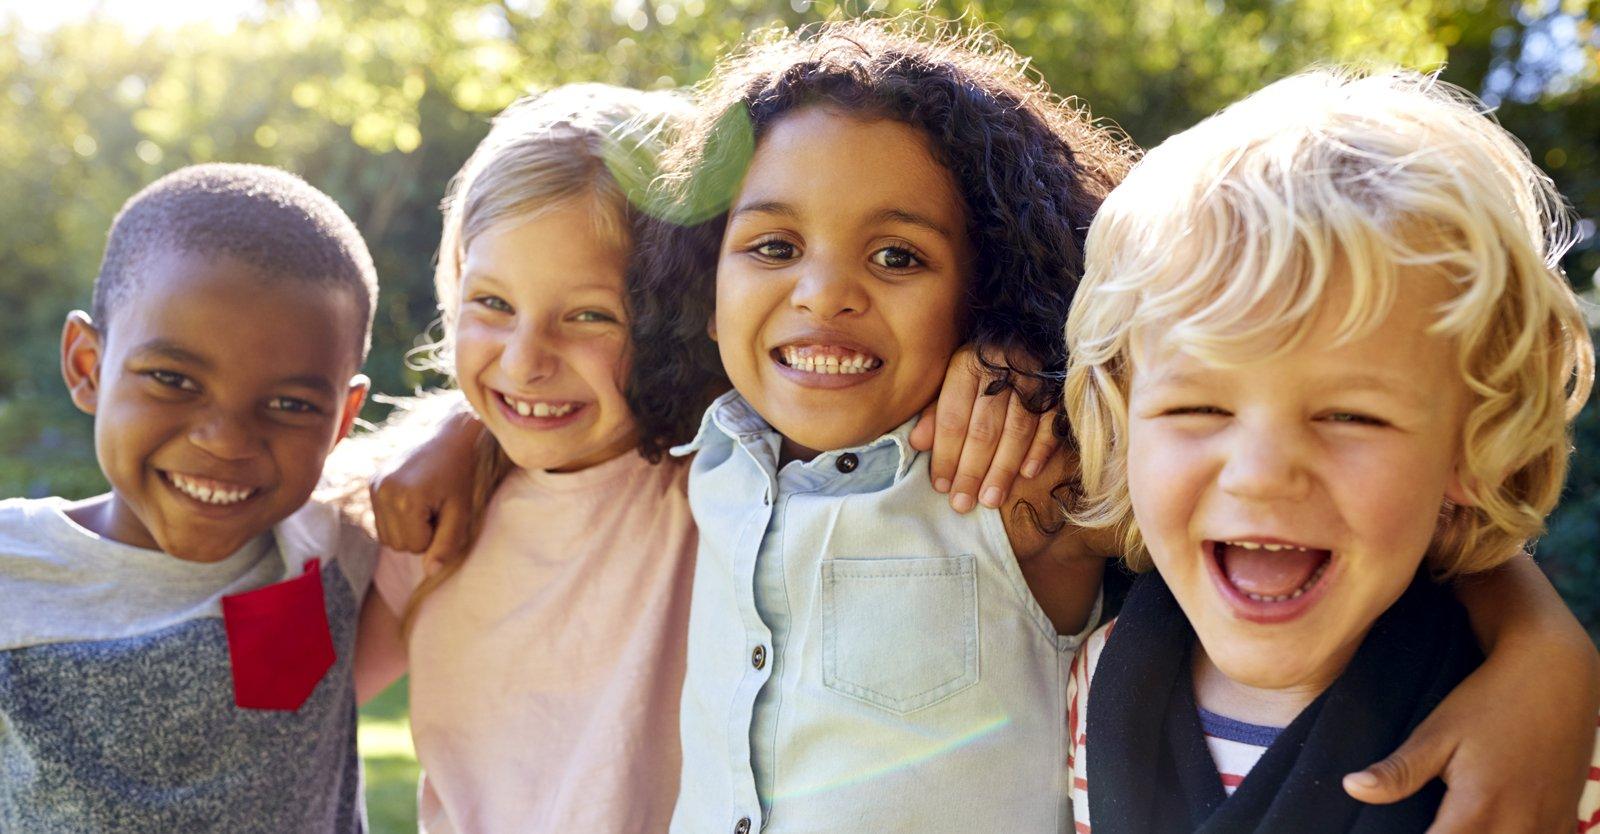 autism-allergies-unvaccinated-children-f